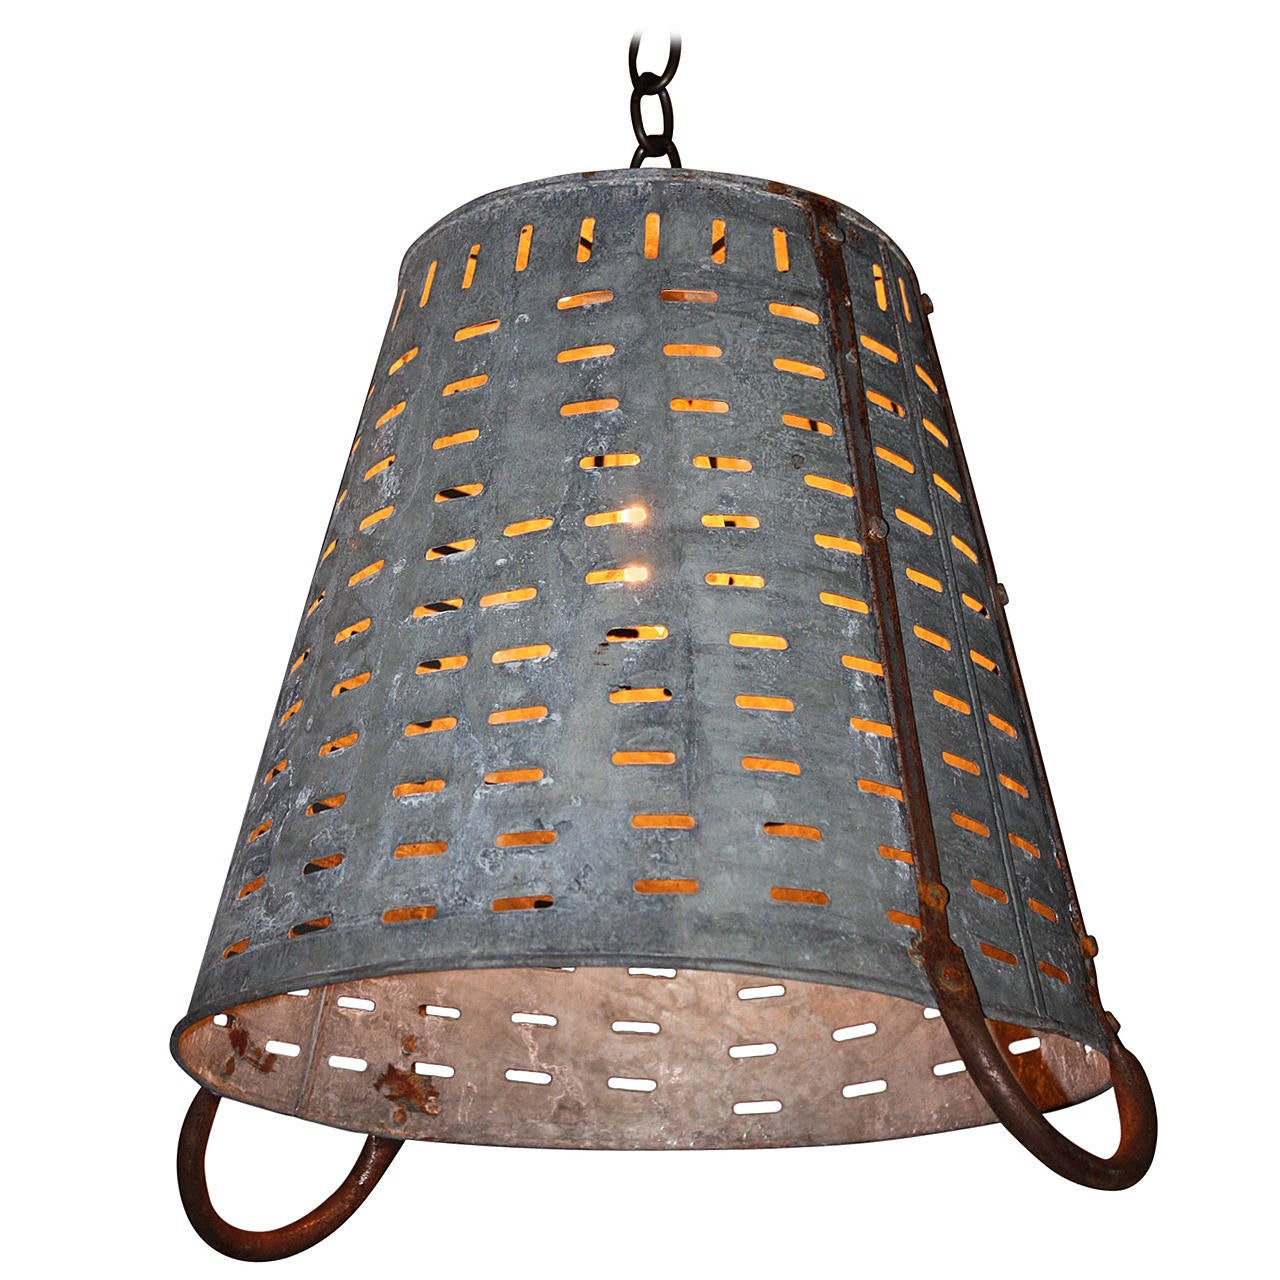 Hanging Olive Basket Light For Sale At 1stdibs